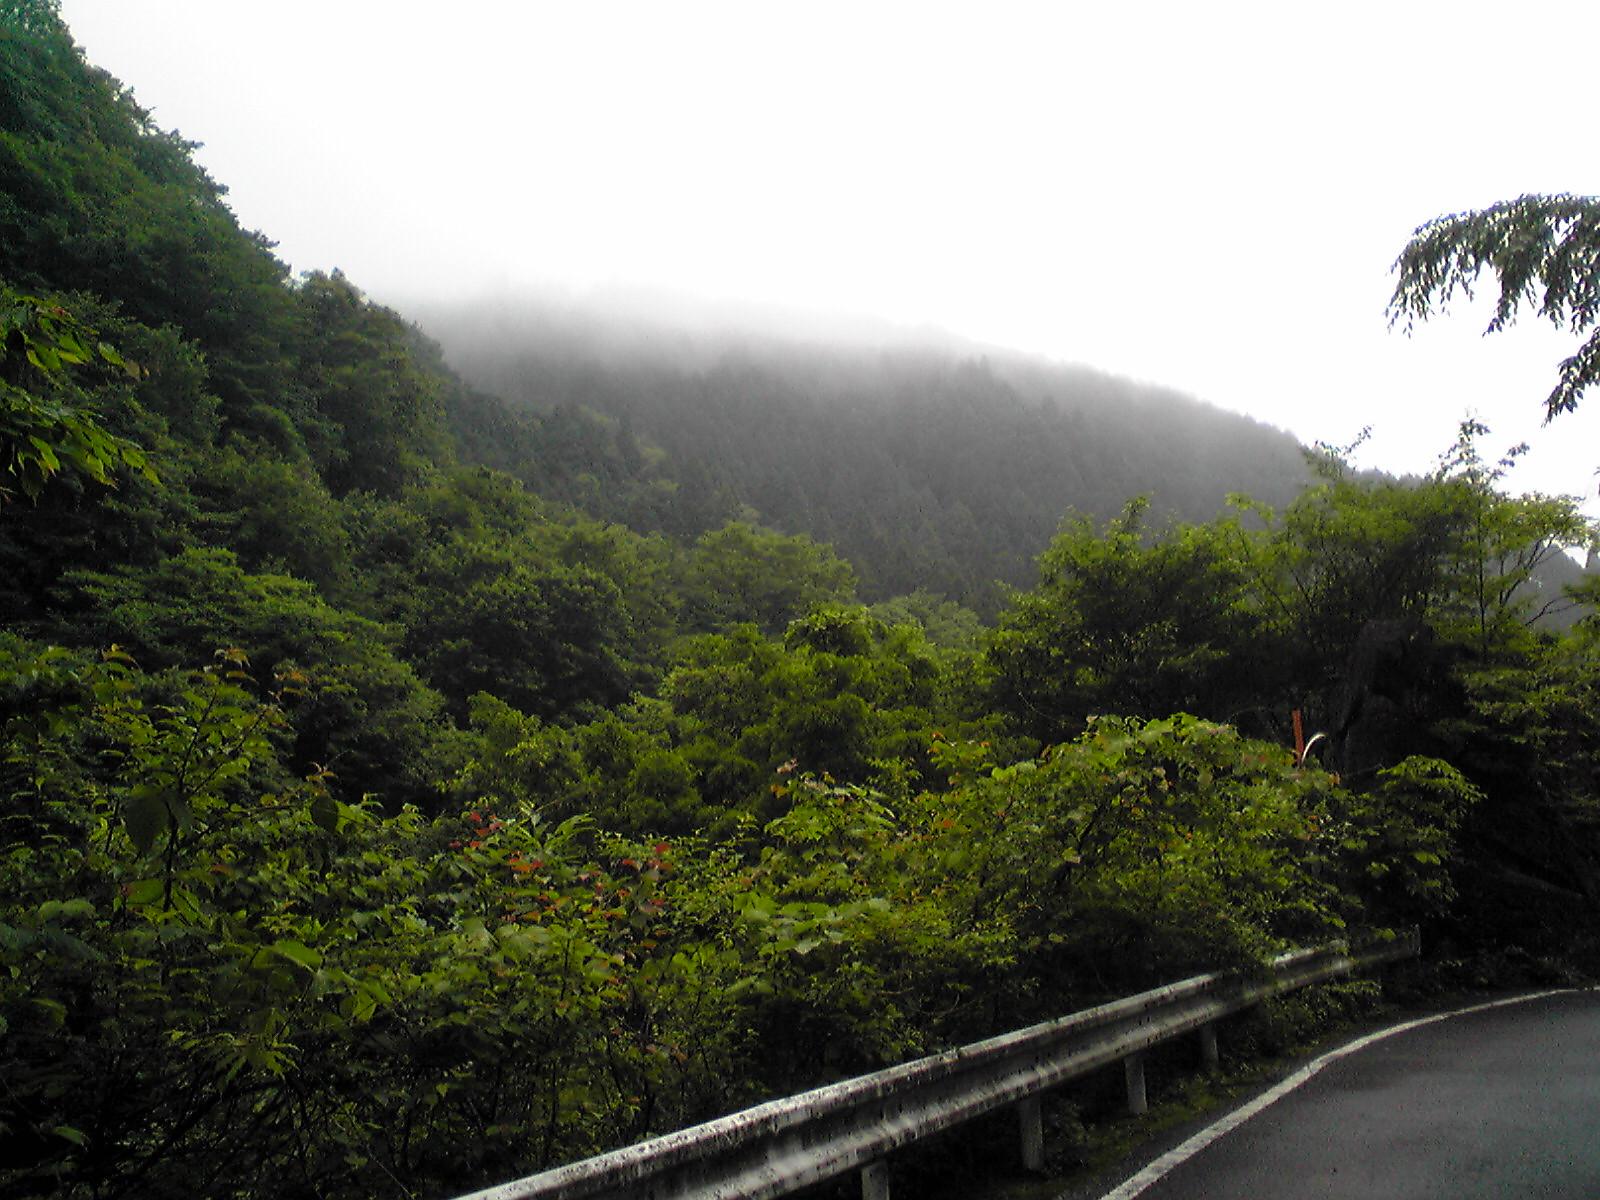 2011.06.19 早戸川林道 032.jpg